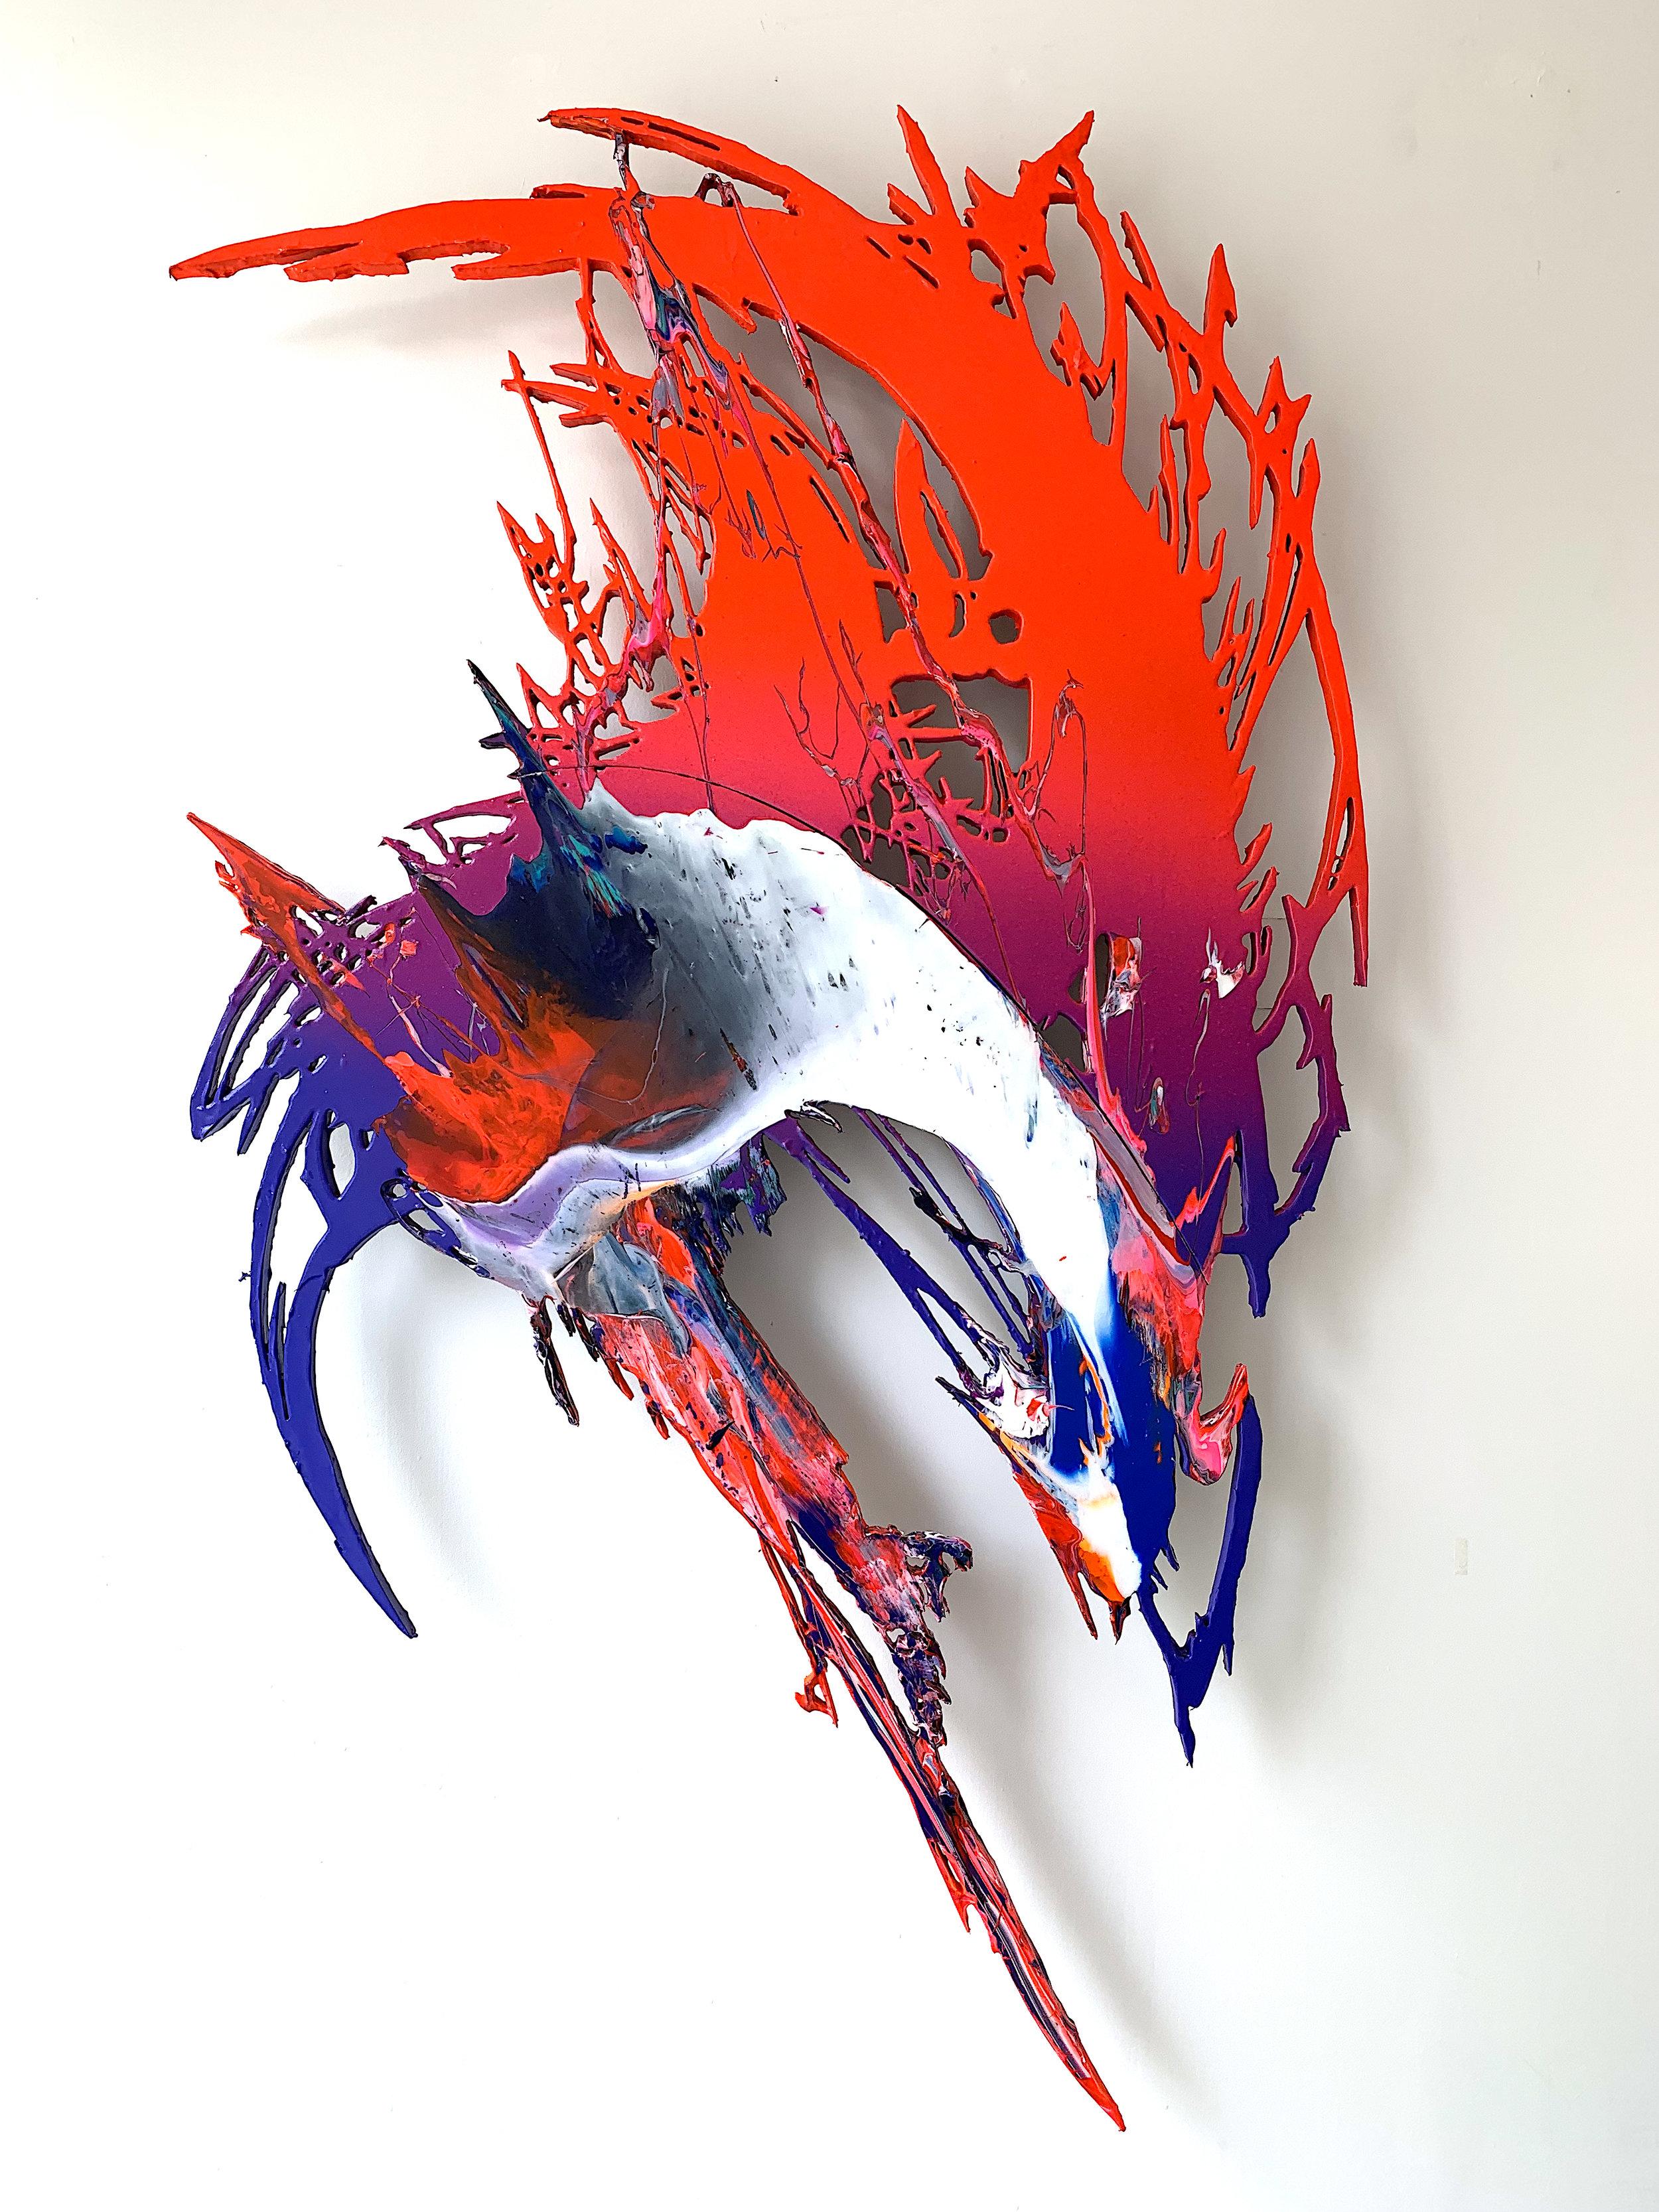 GR gallery_Meguru Yamaguchi_Shadow Piece No.2_2019_Acrylic and resin on shaped woodboard_78x55in_USD18000.jpg